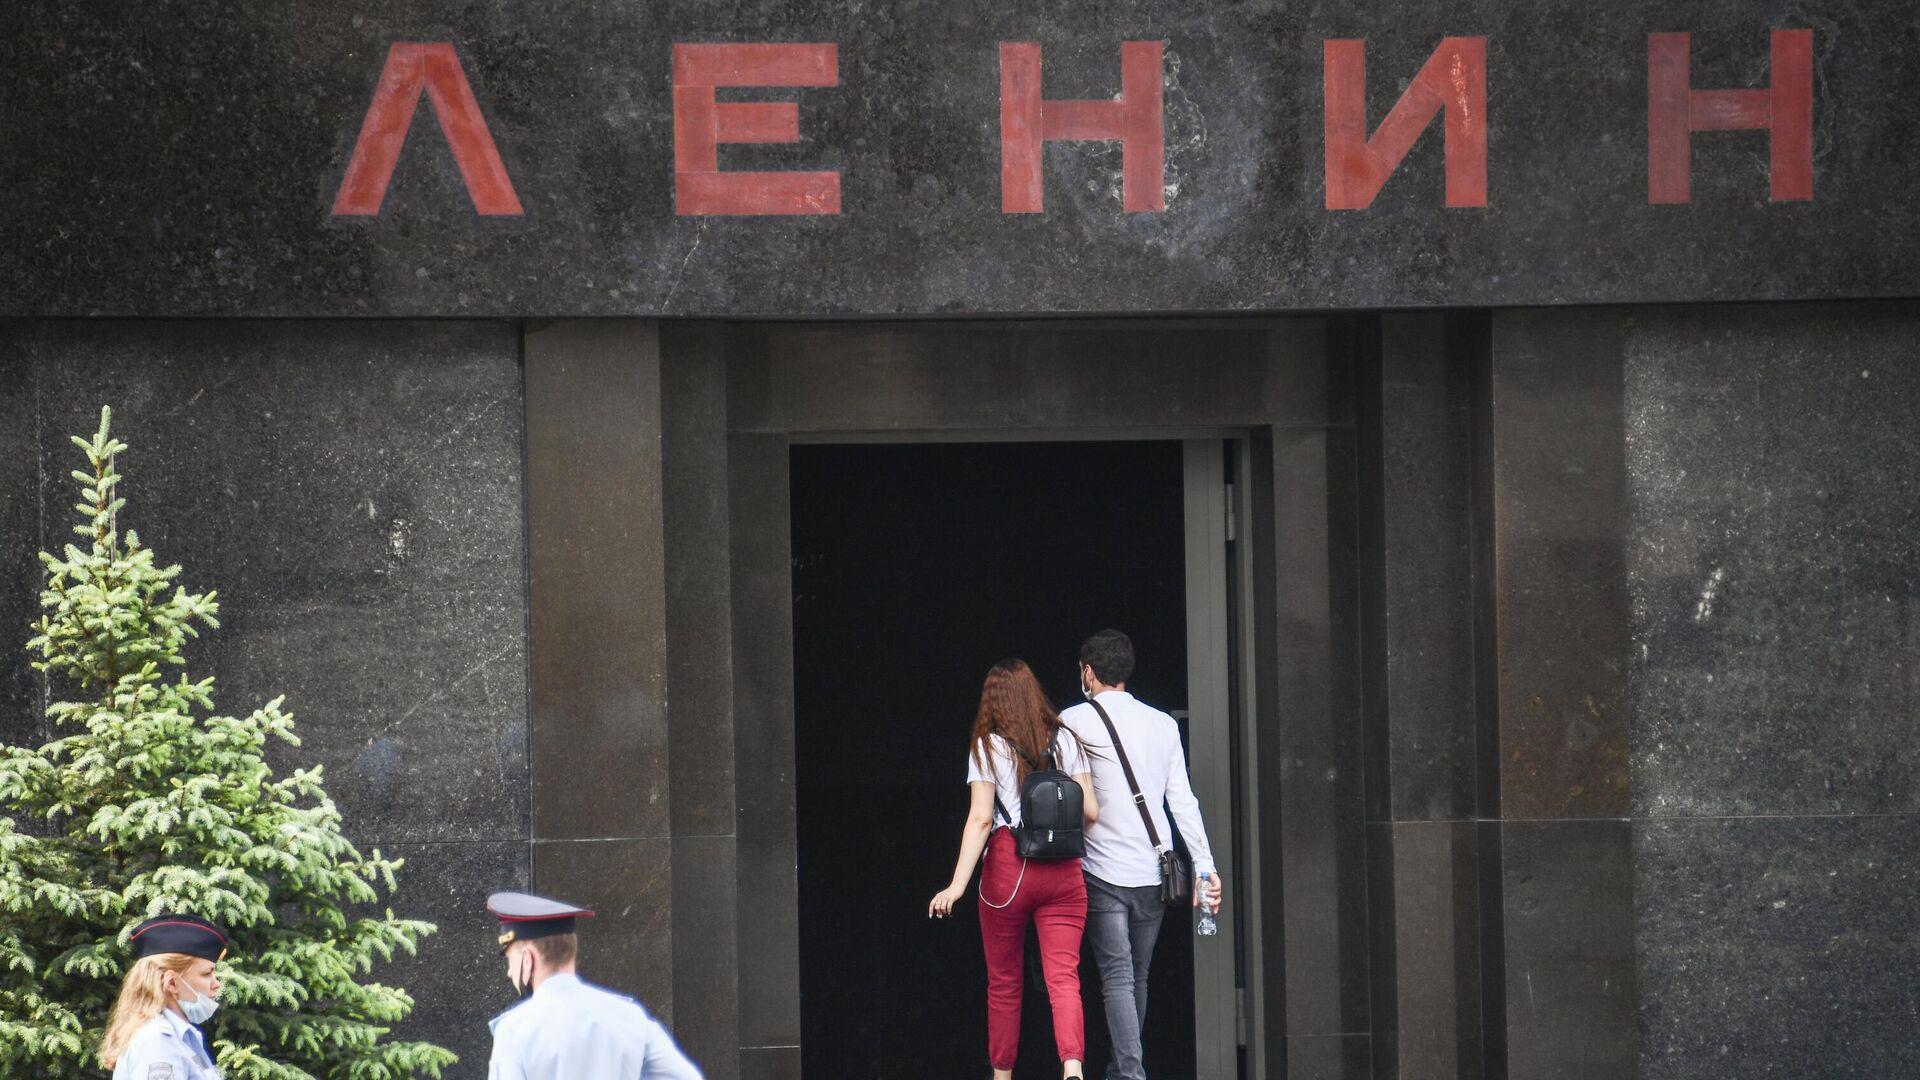 Мавзолей В. И. Ленина на Красной площади в Москве - РИА Новости, 1920, 14.09.2020